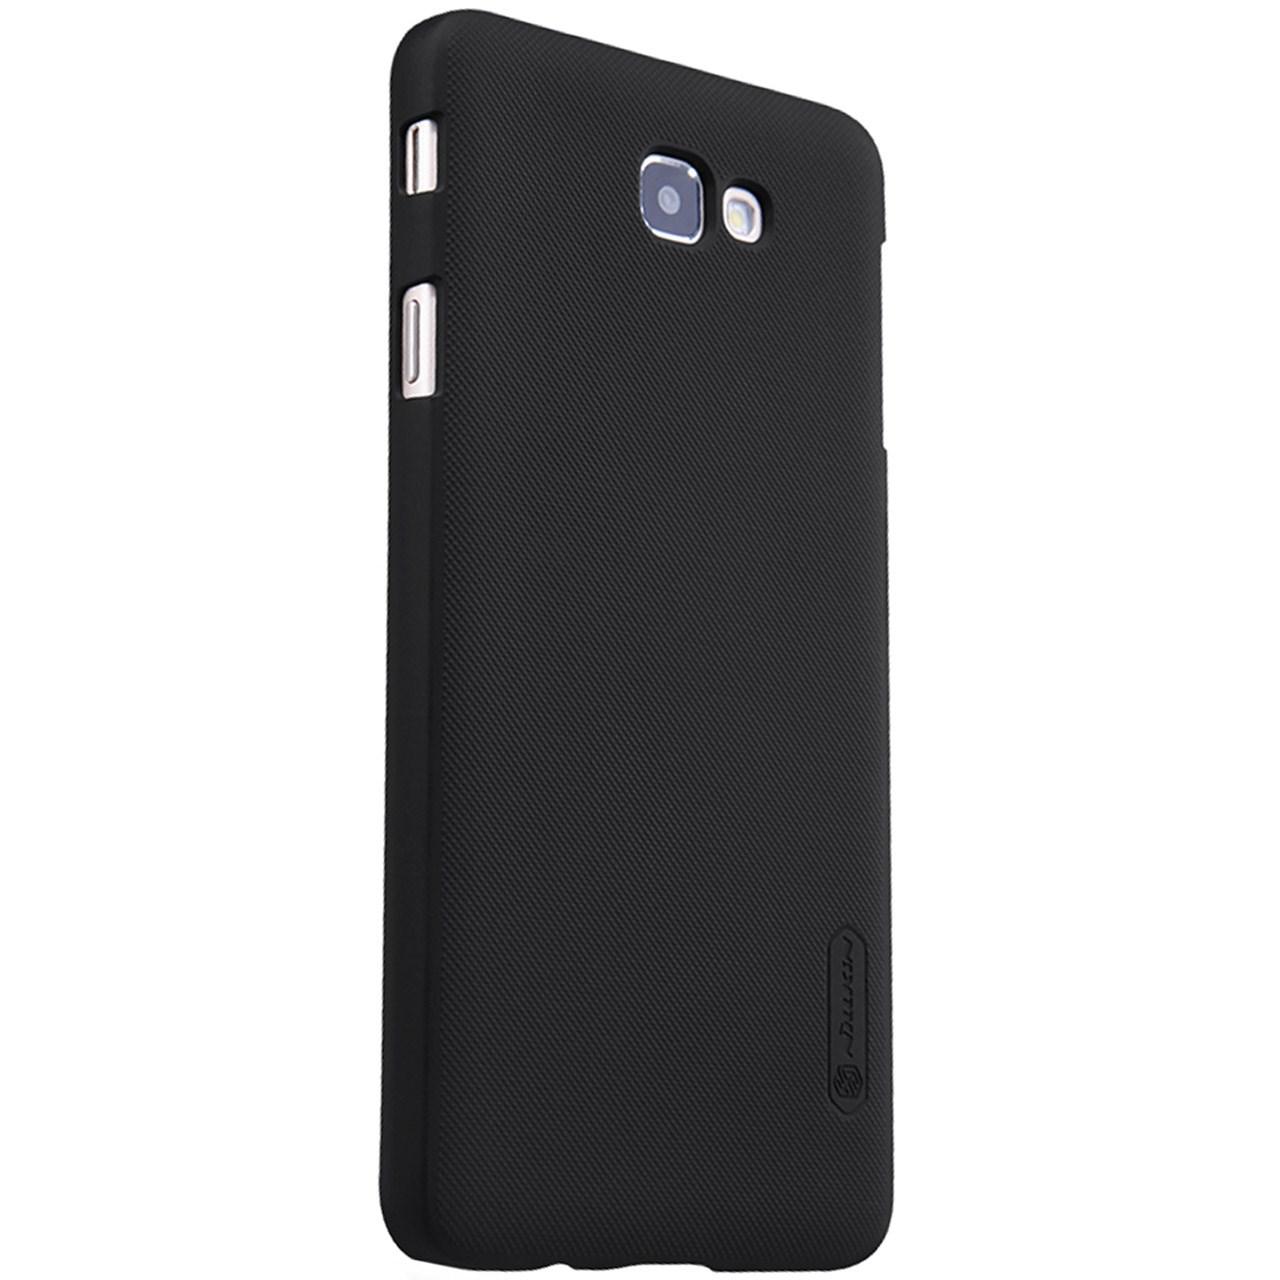 کاور نیلکین مدل Super Frosted Shield مناسب برای گوشی موبایل سامسونگ Galaxy J7 Prime